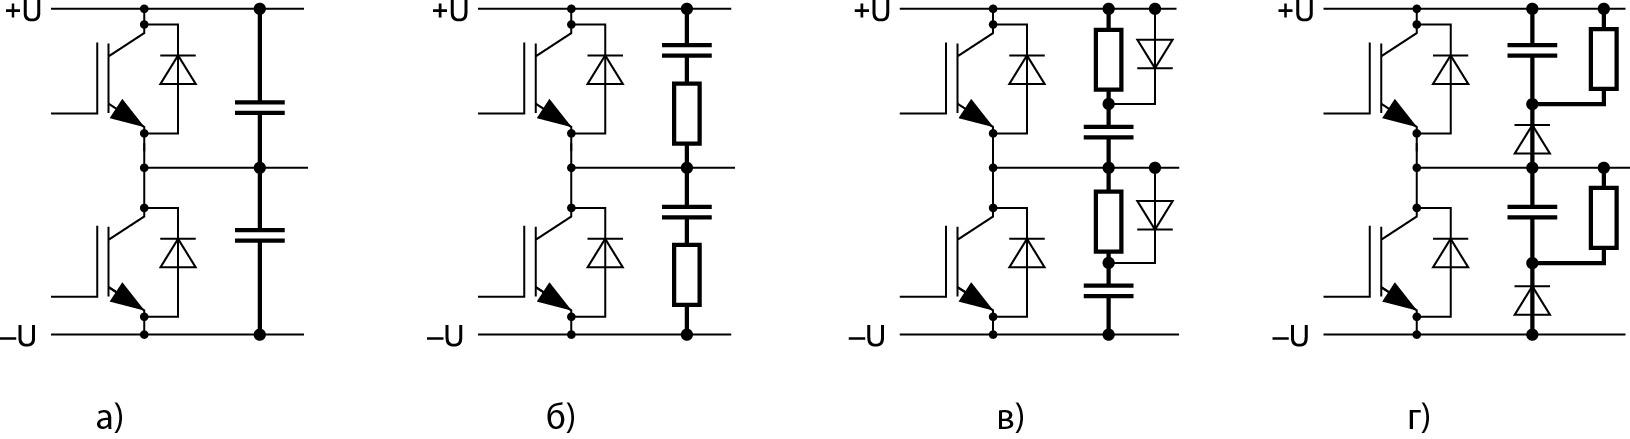 Схемы снабберов, установленных на ключах